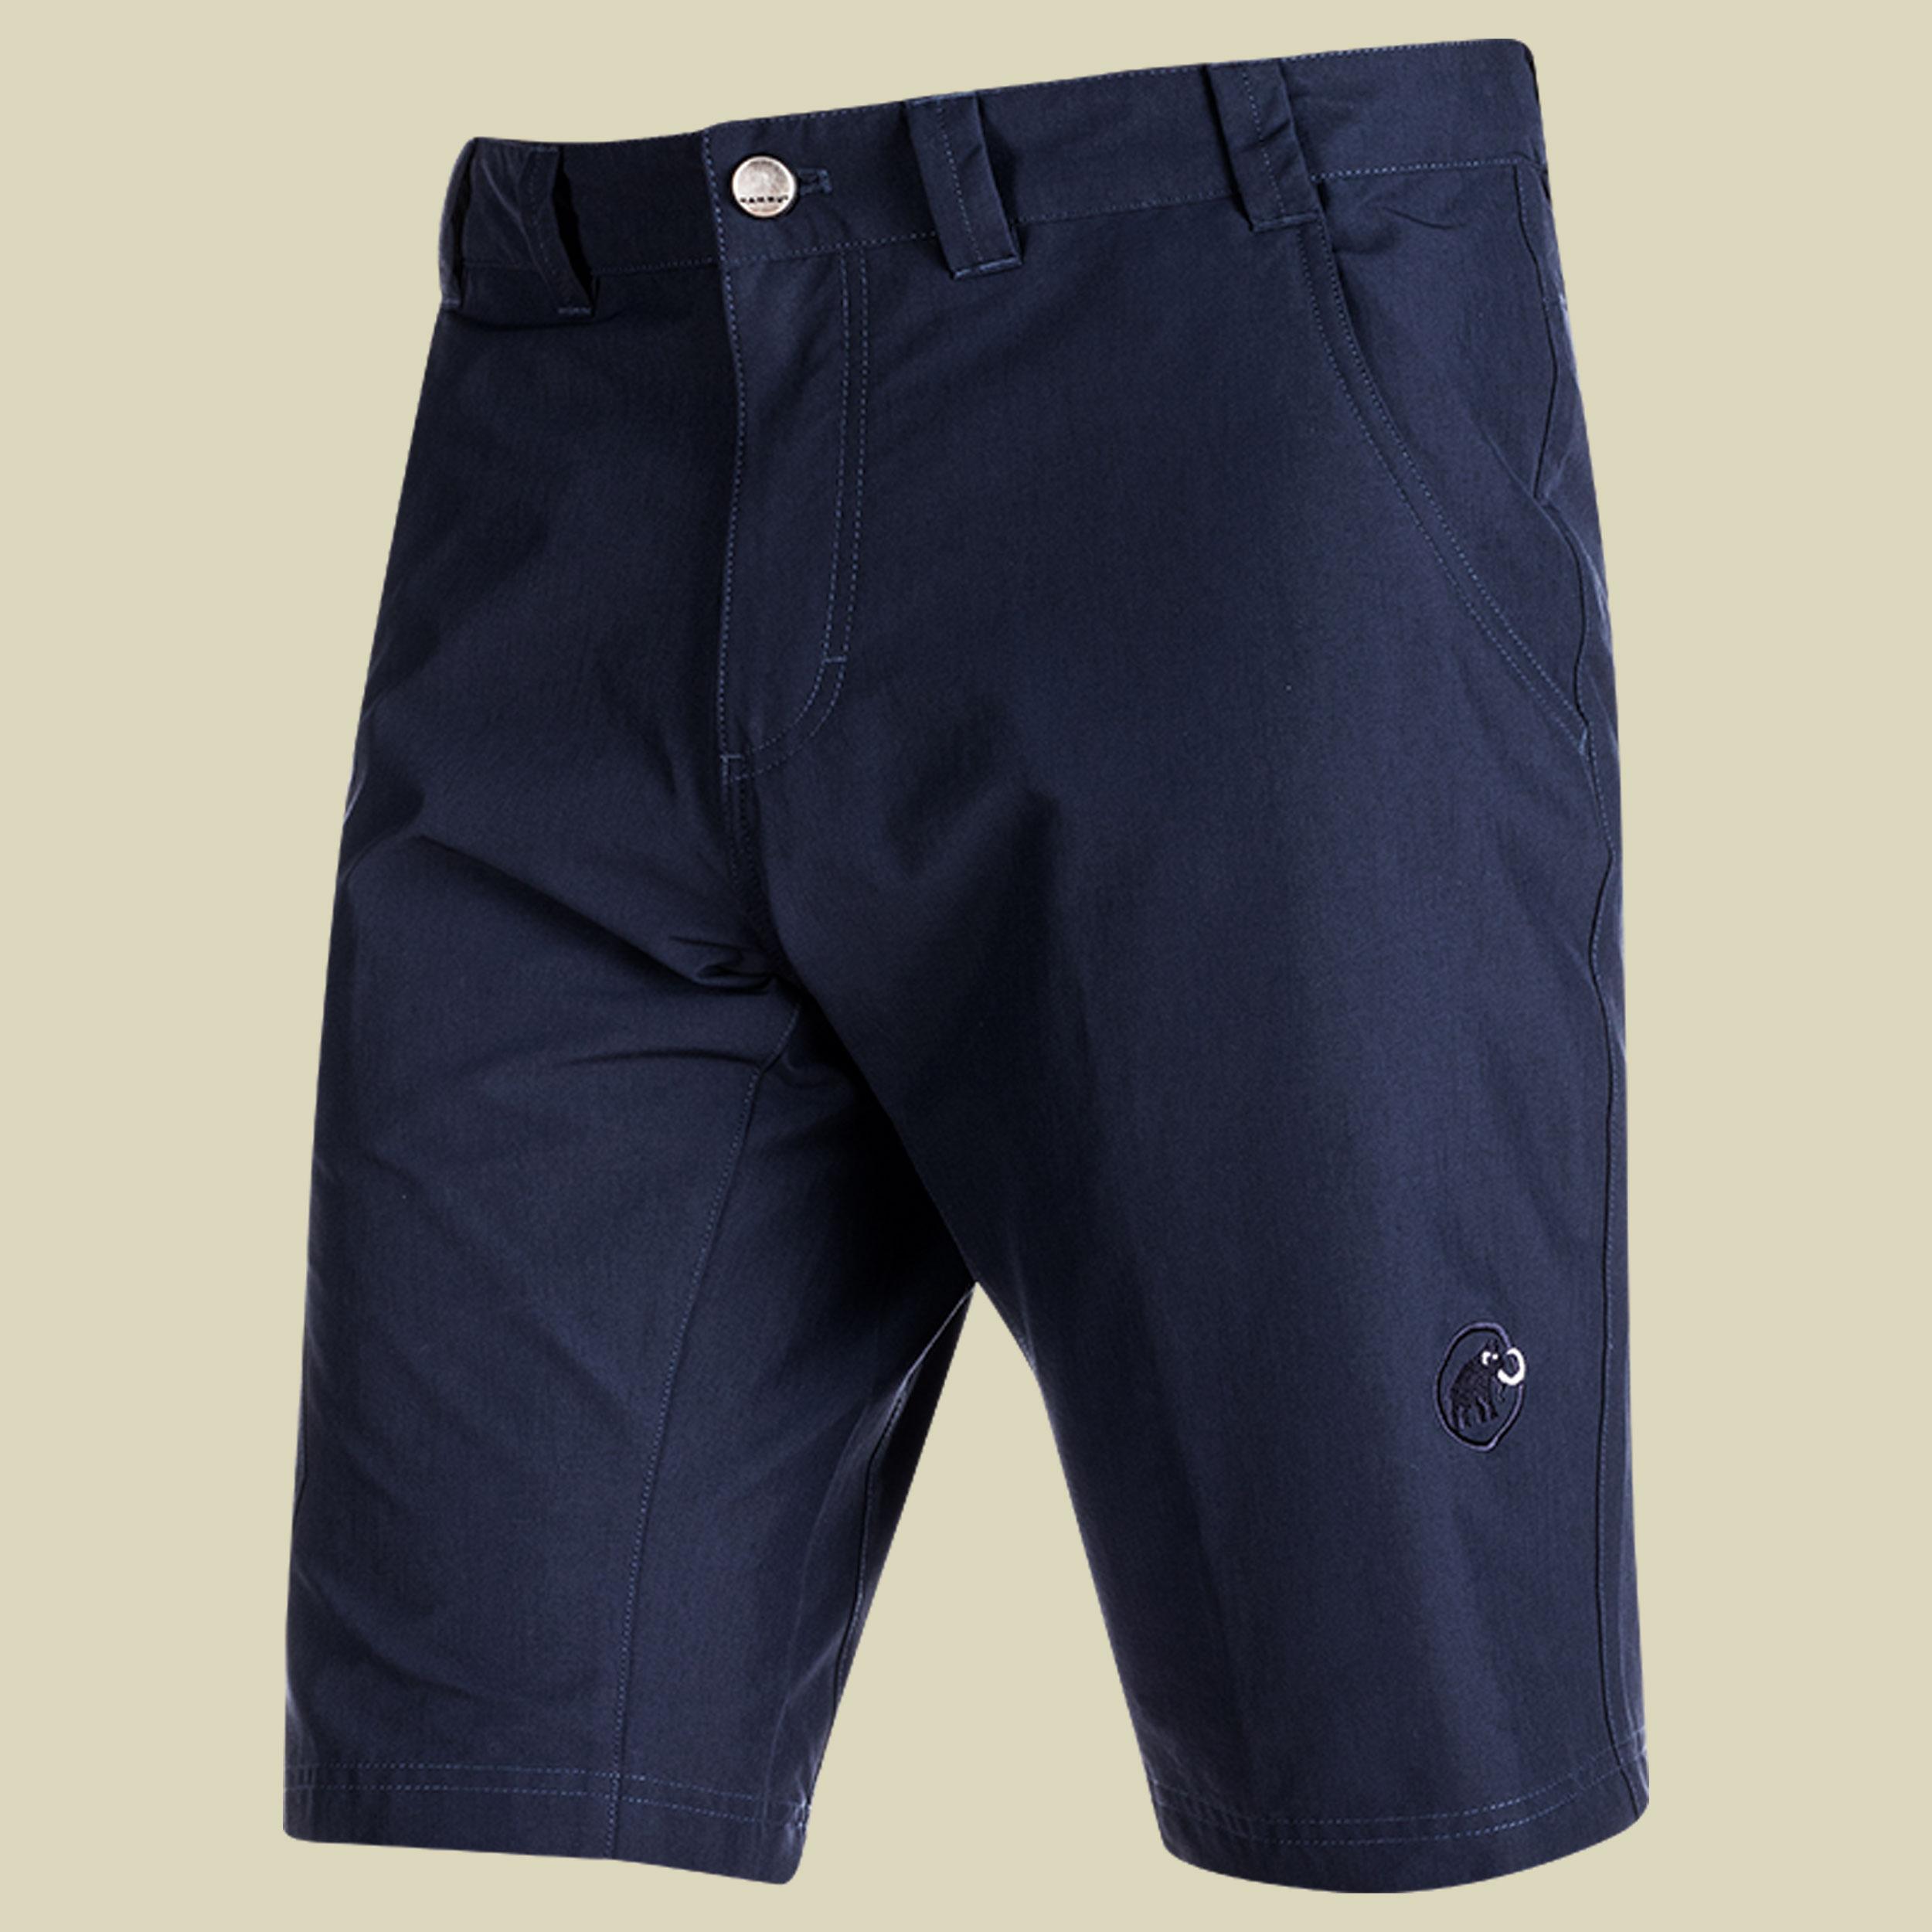 mammut hiking shorts men preisvergleich hose herren g nstig kaufen bei. Black Bedroom Furniture Sets. Home Design Ideas